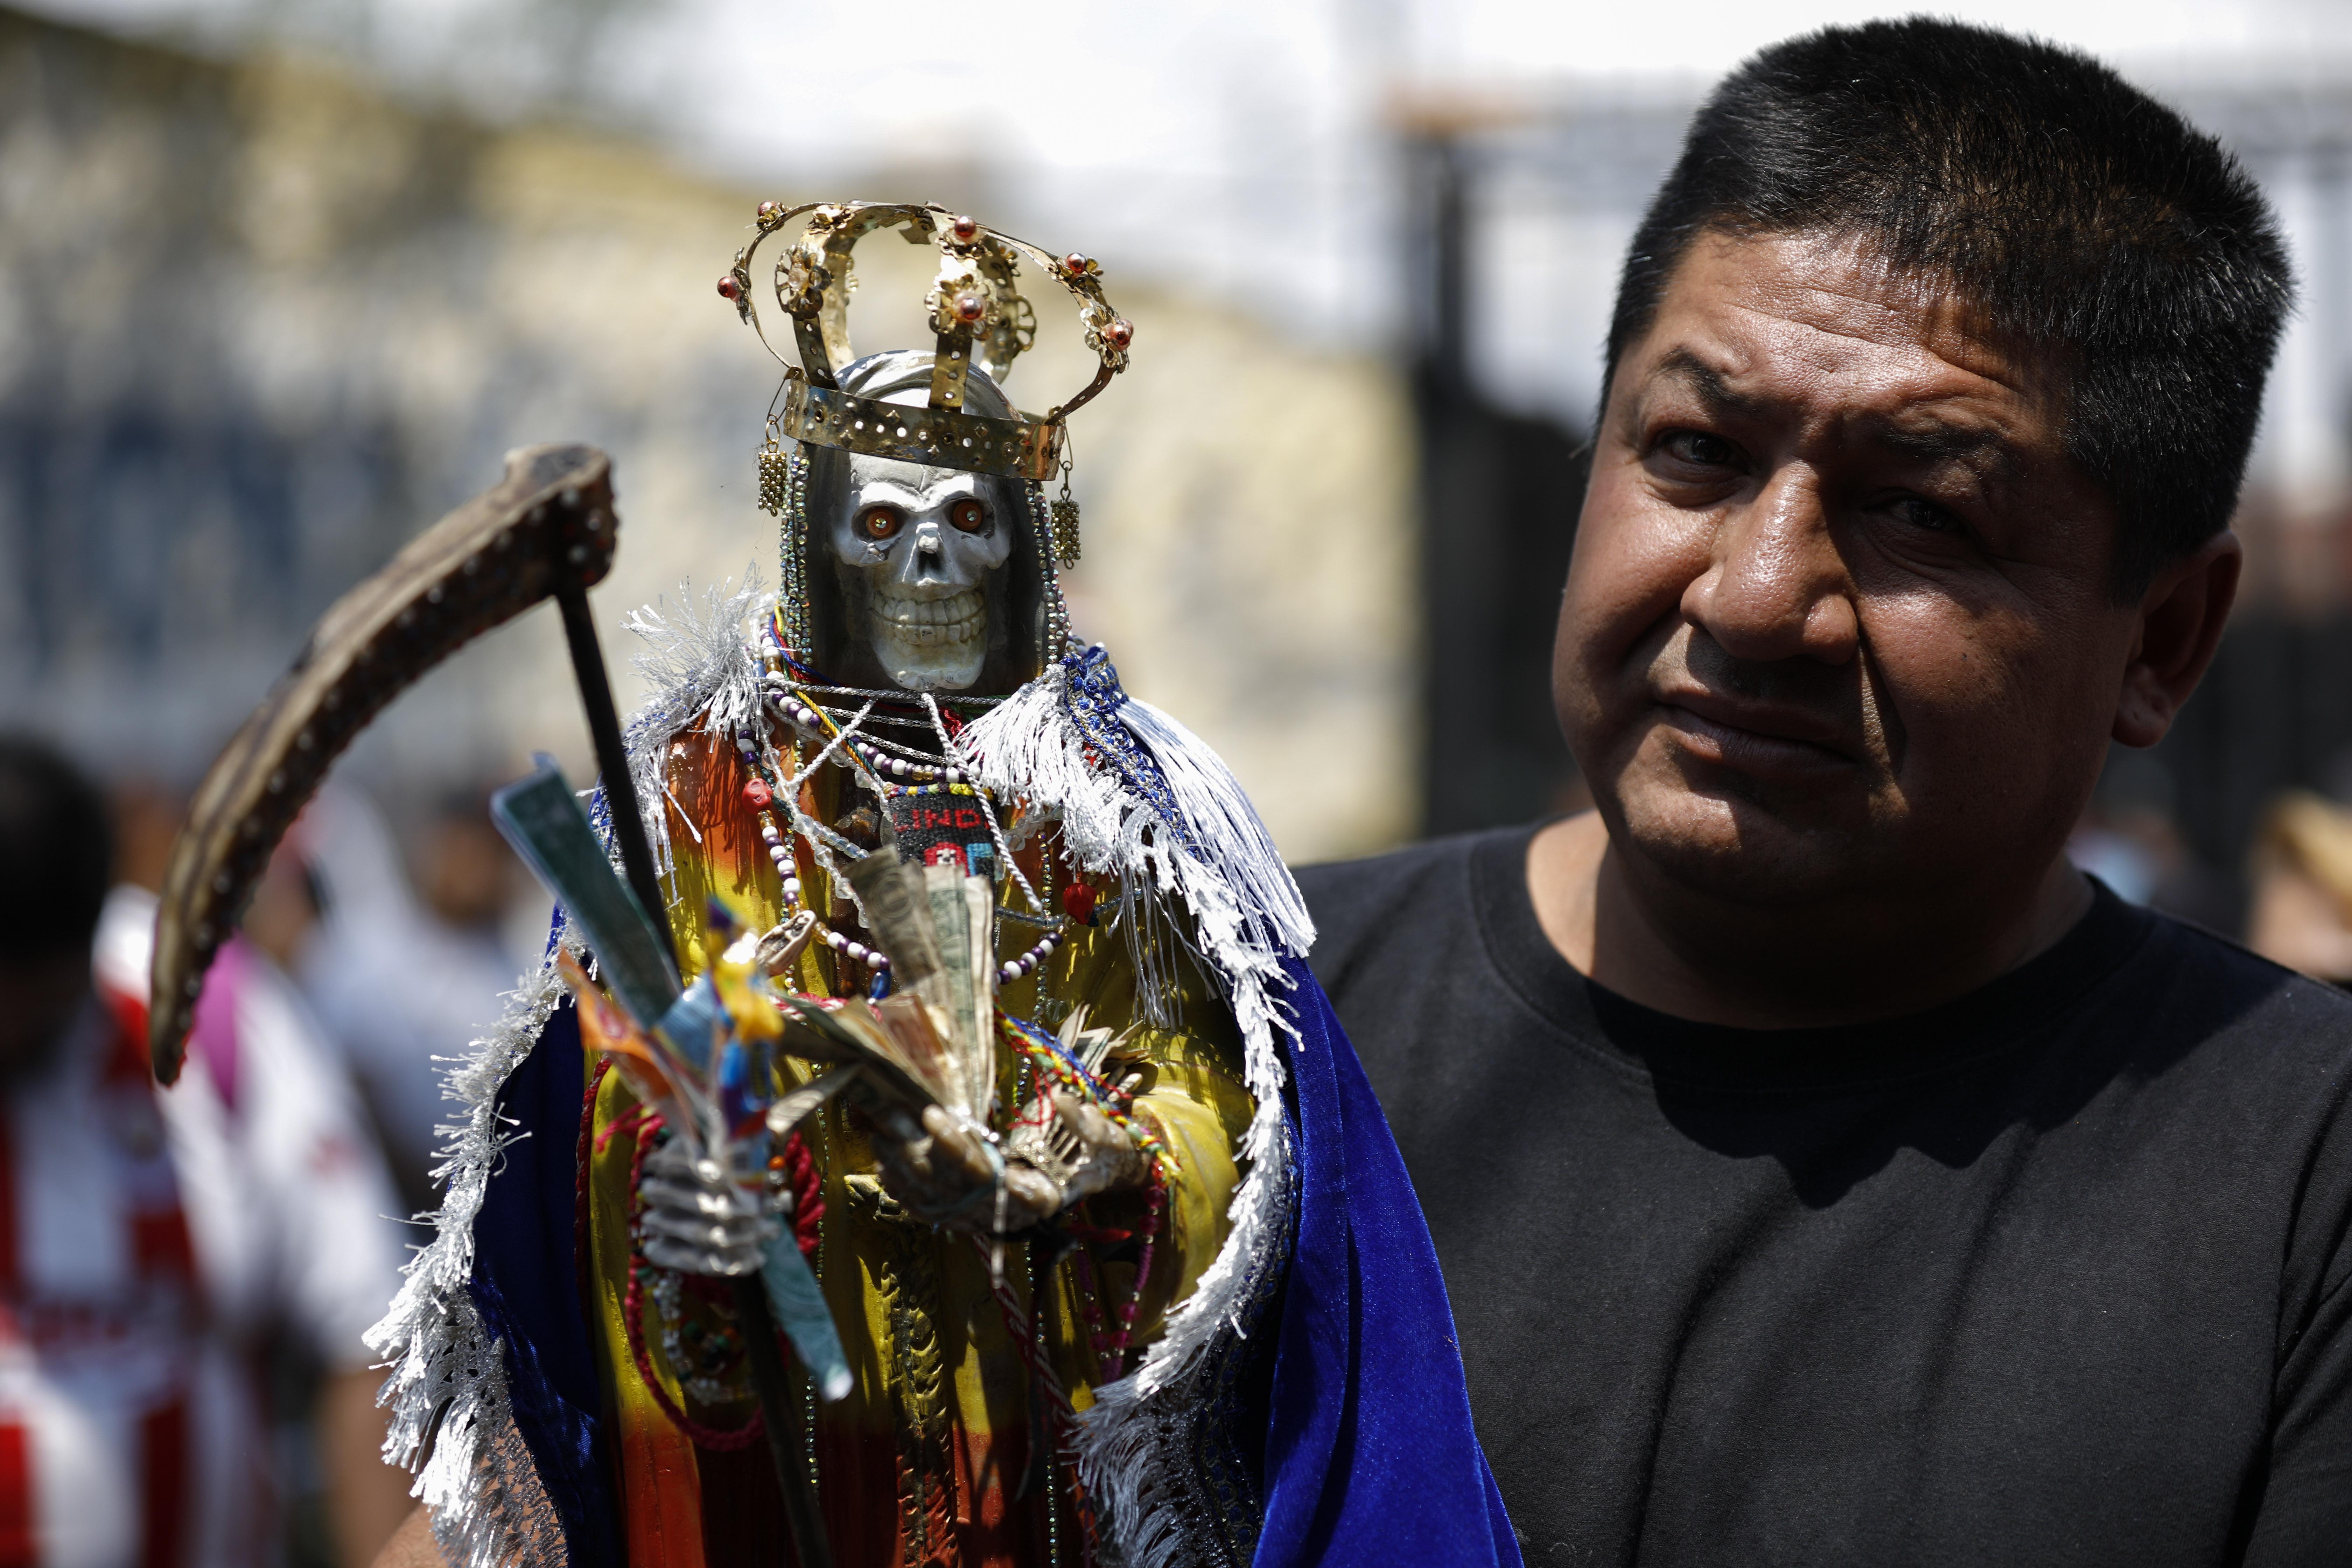 Un hombre lleva una estatua de la Santa Muerte. (Foto: AP / Rebecca Blackwell)